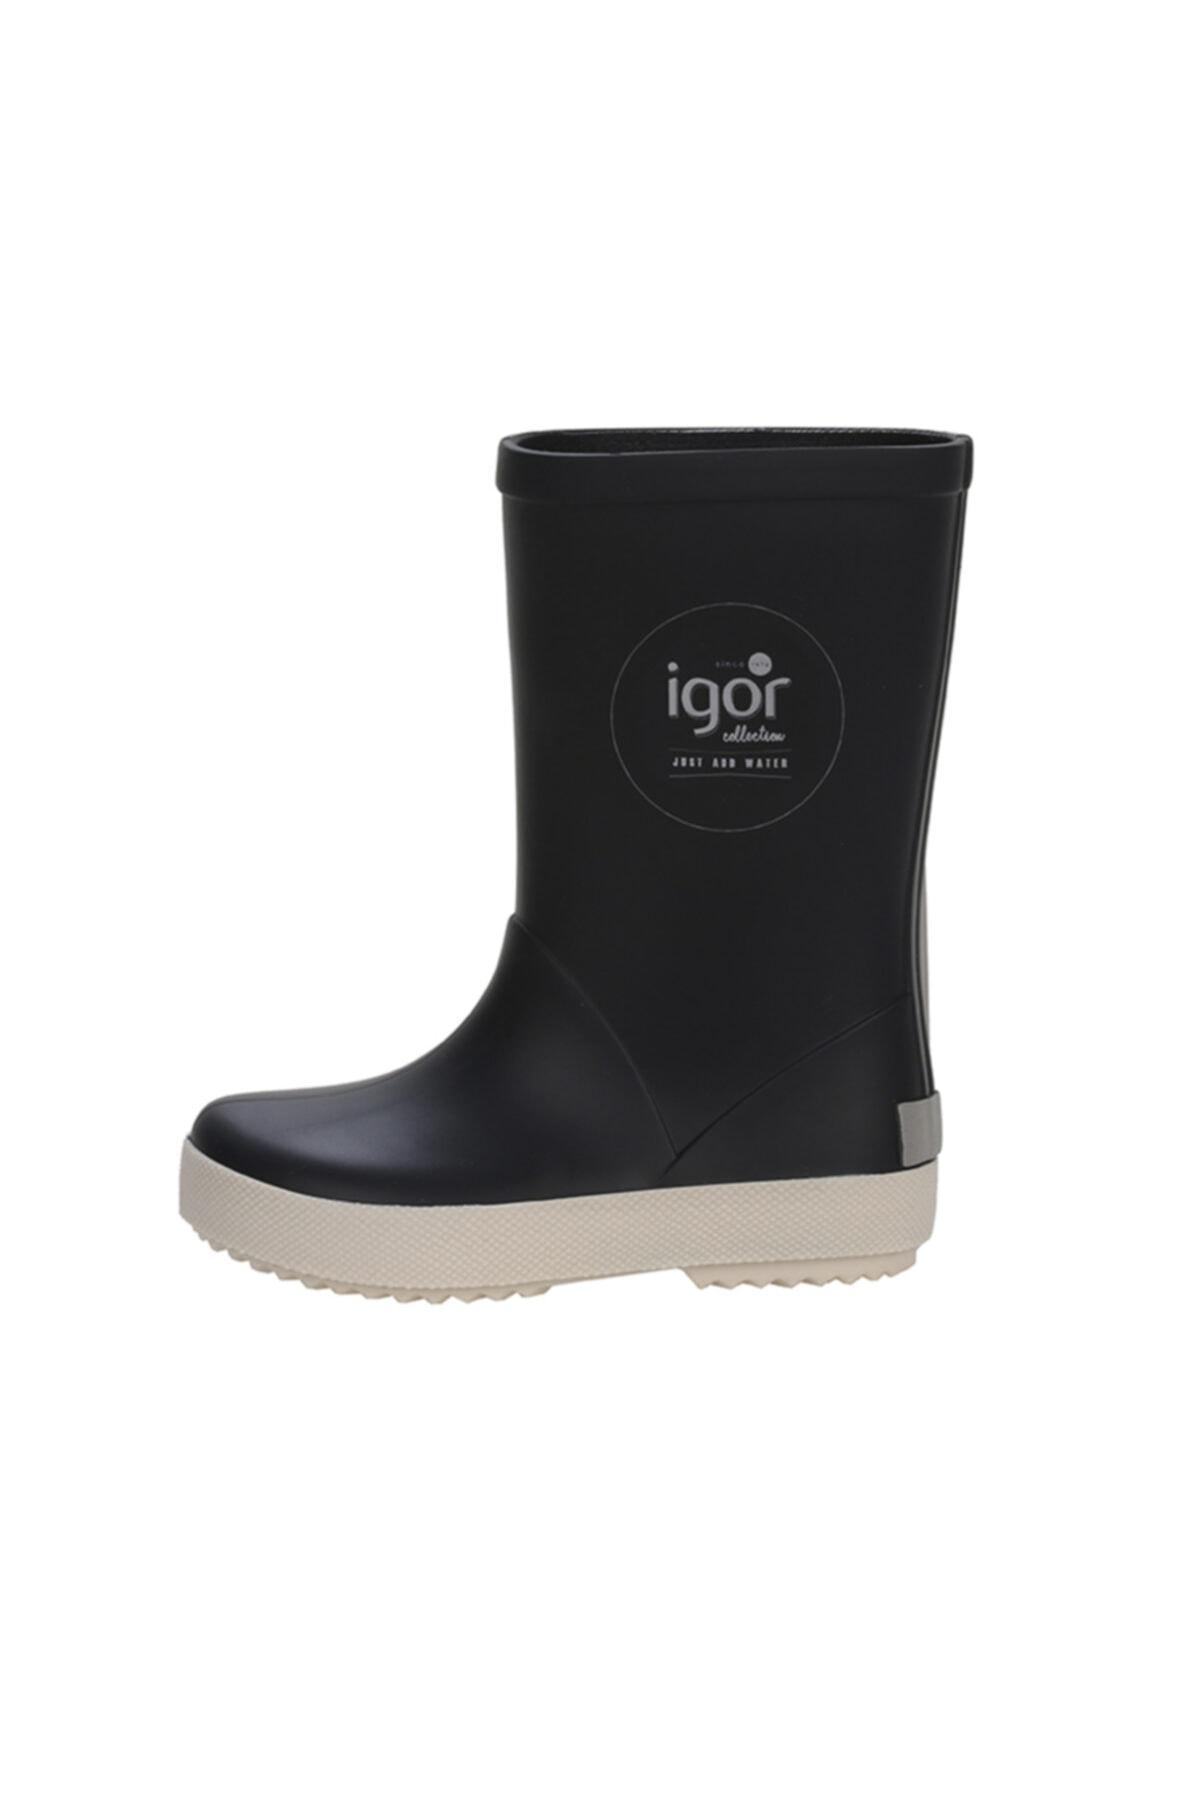 IGOR SPLASH NAUTICO Lacivert Unisex Çocuk Yağmur Çizmesi 100317970 1